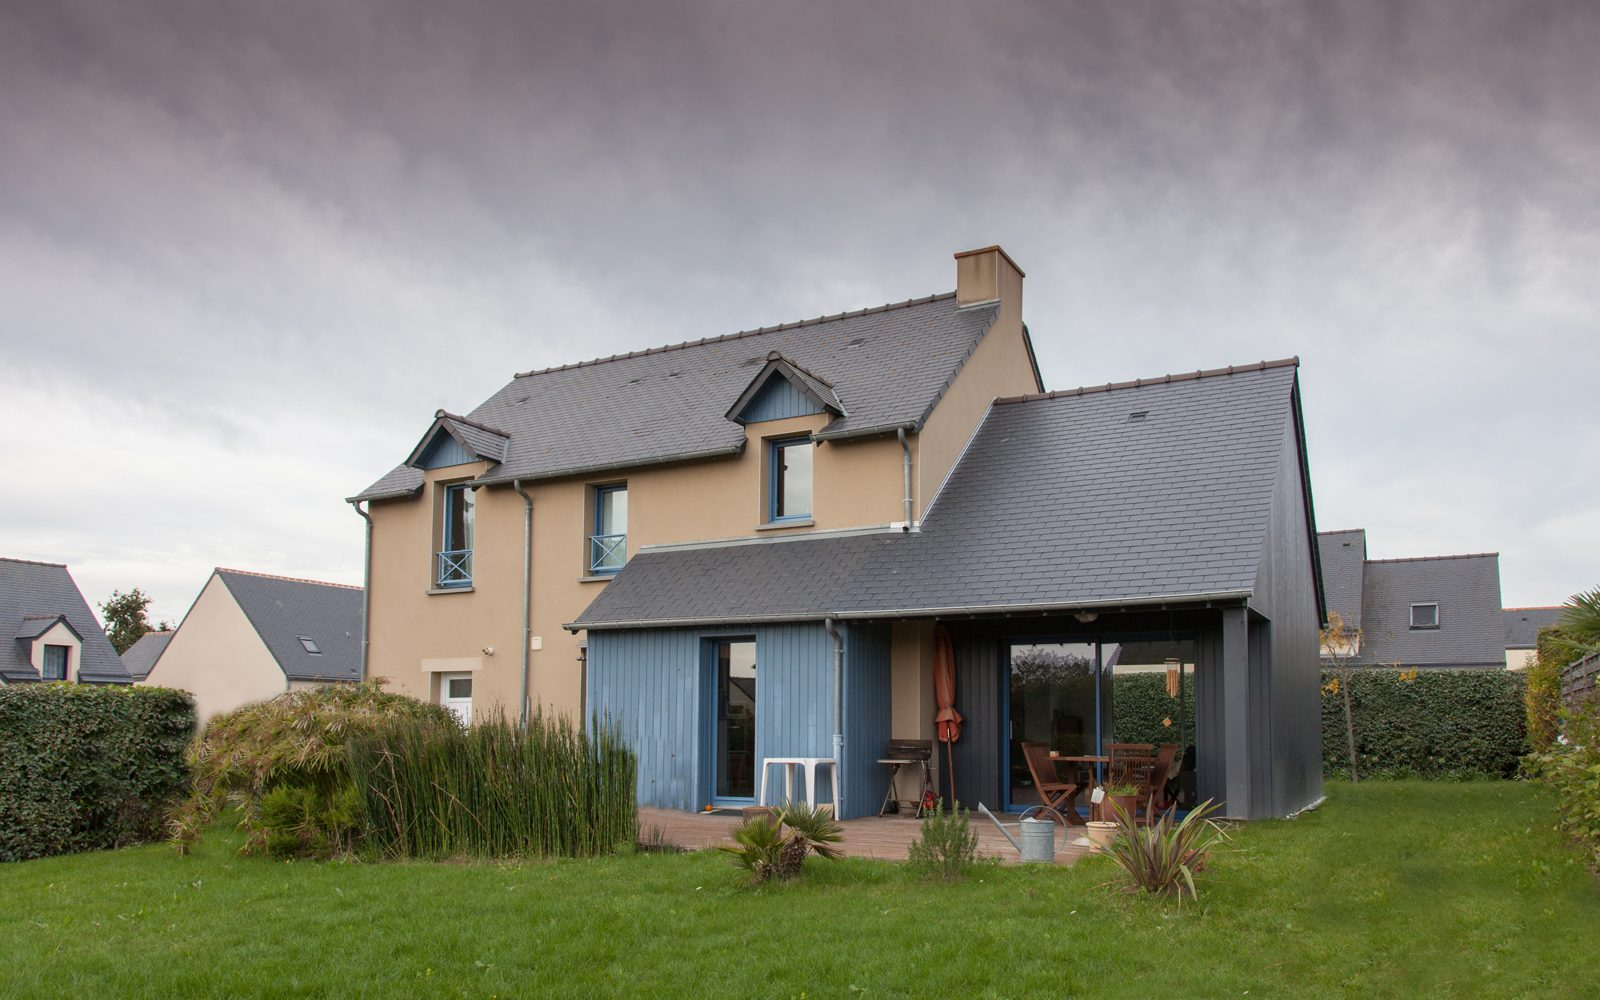 constructeur maison 65000 euros